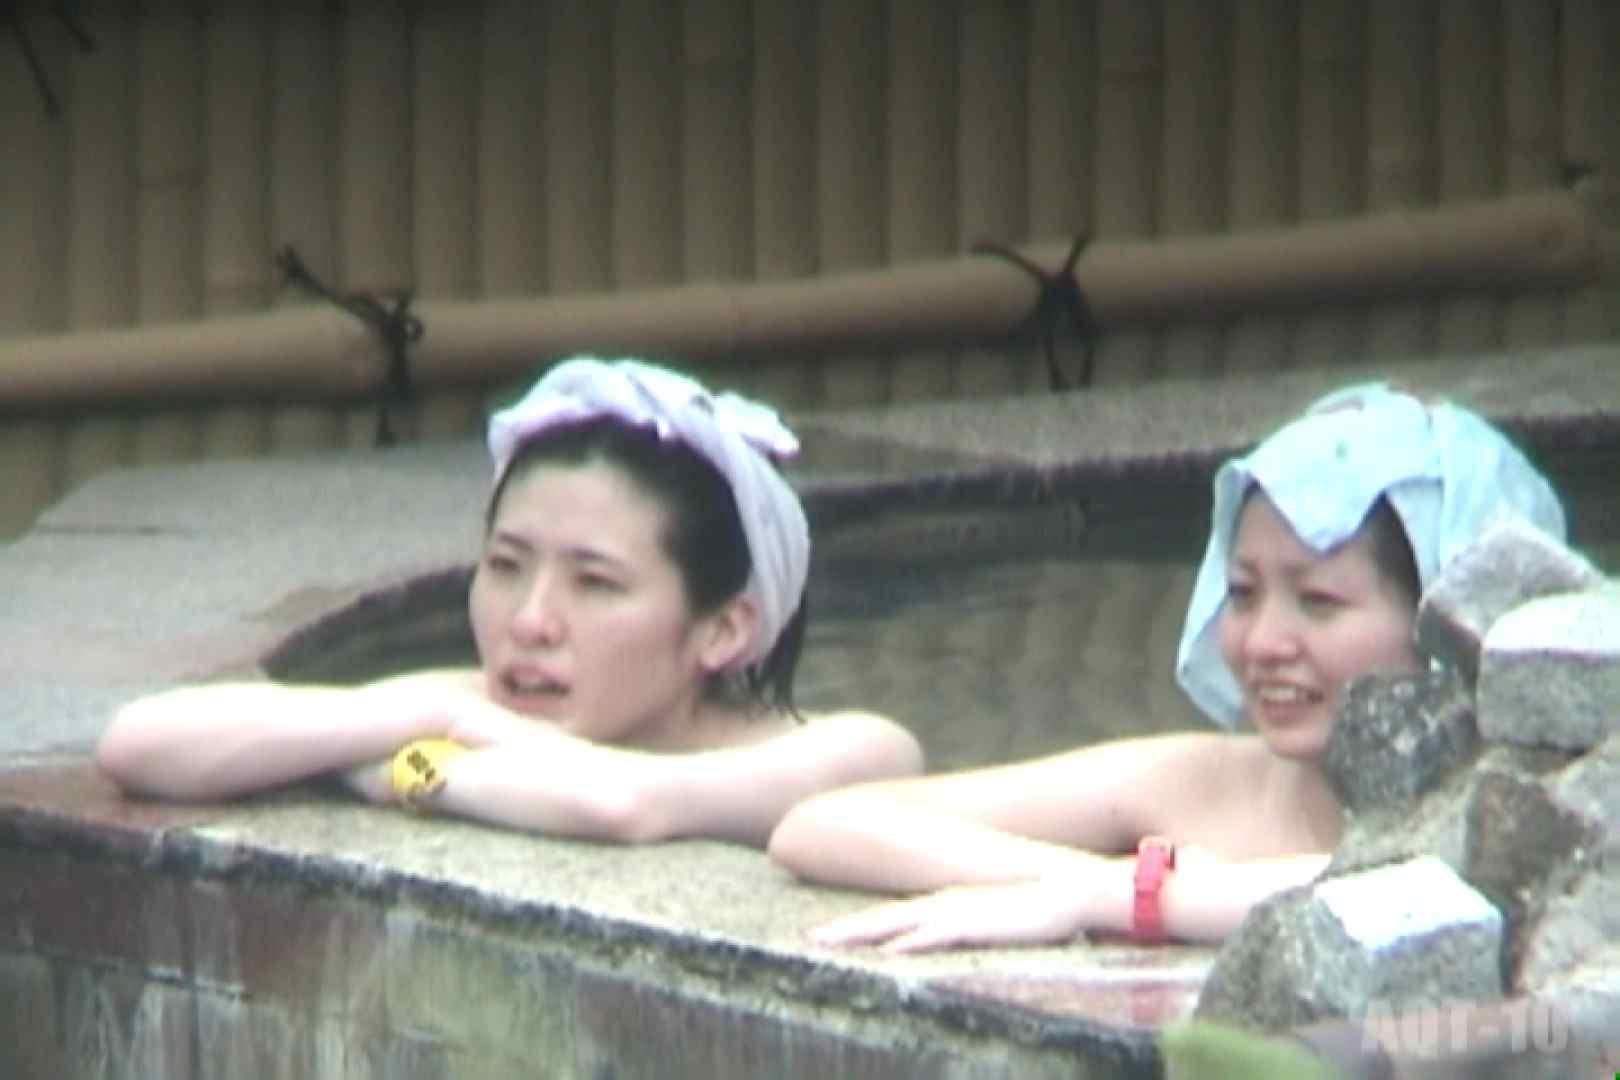 Aquaな露天風呂Vol.793 露天 | 盗撮特集  56画像 25